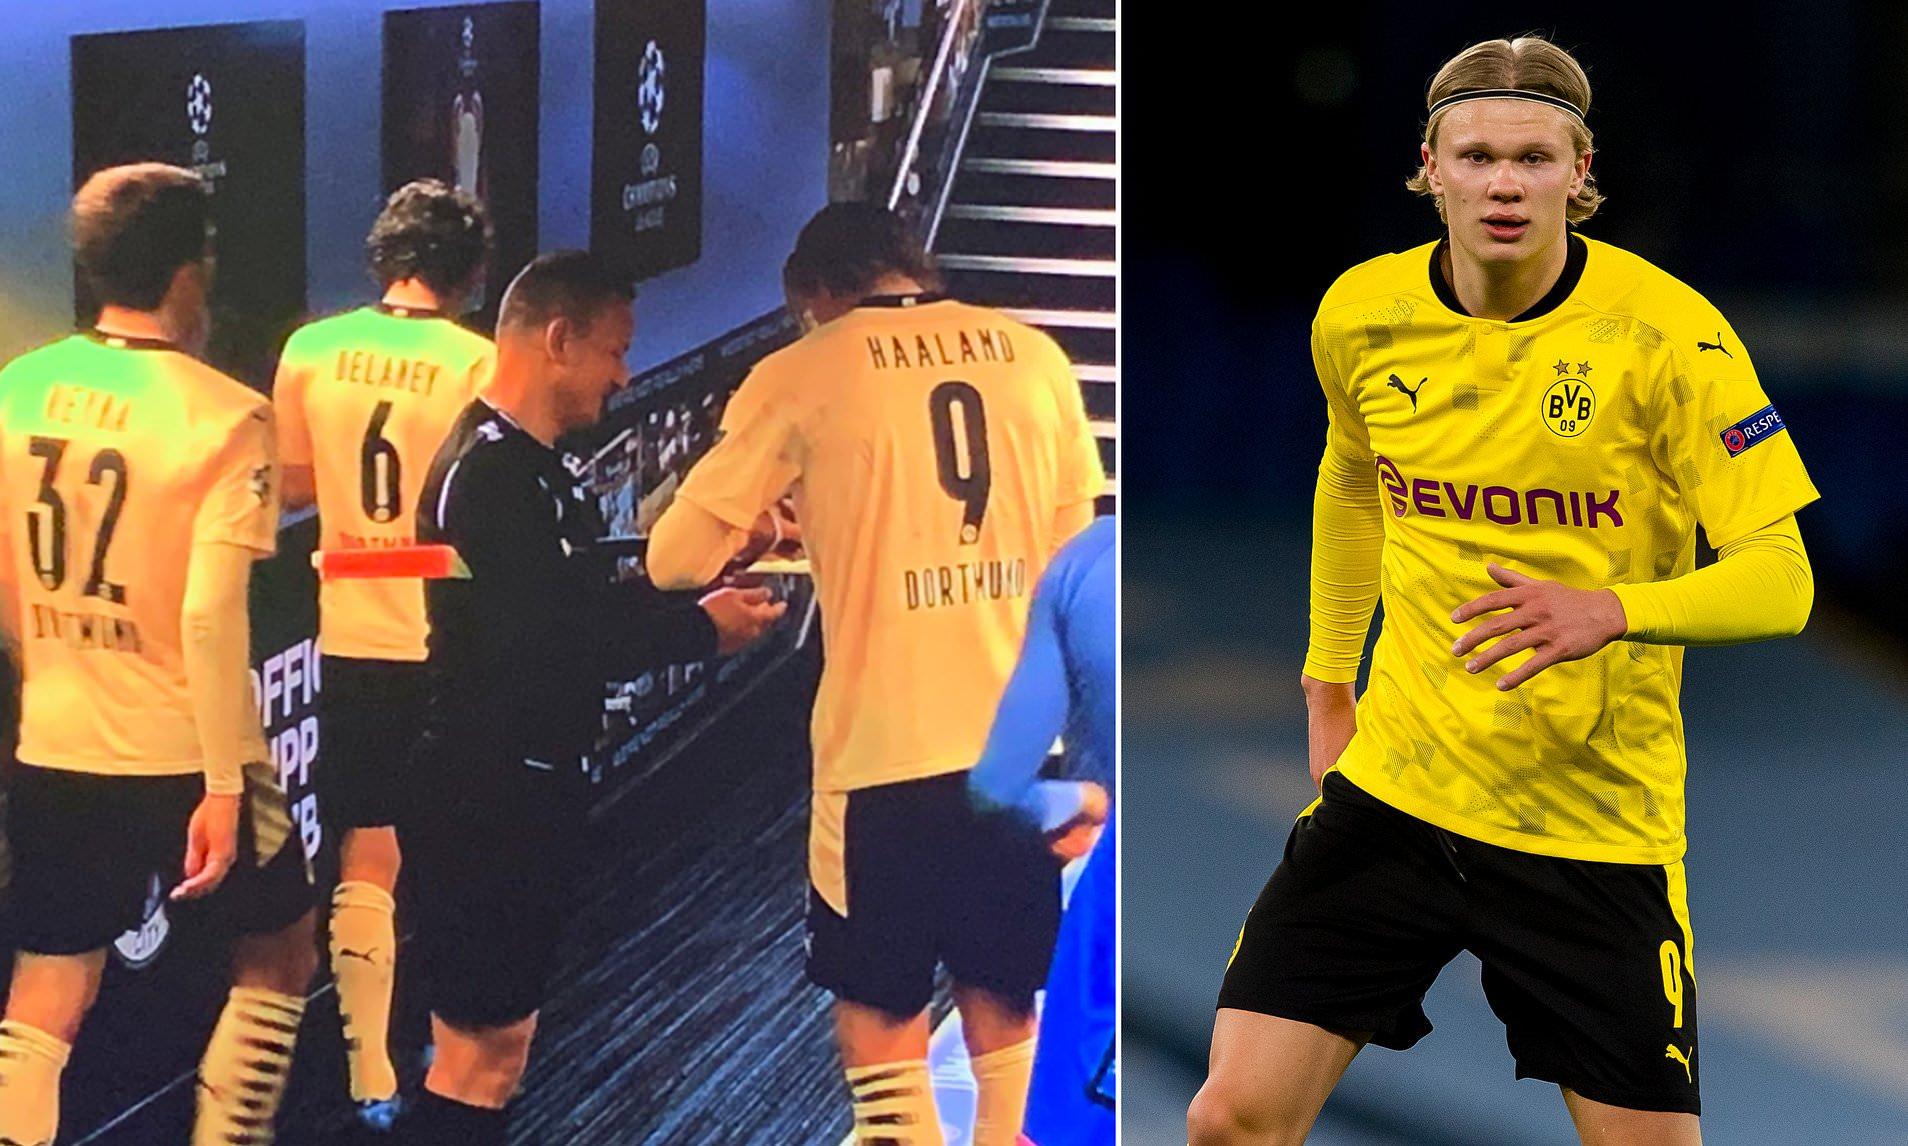 Trợ lý trọng tài xin chữ ký Erling Haaland sau cuộc đụng độ Champions League giữa Man City và Dortmund